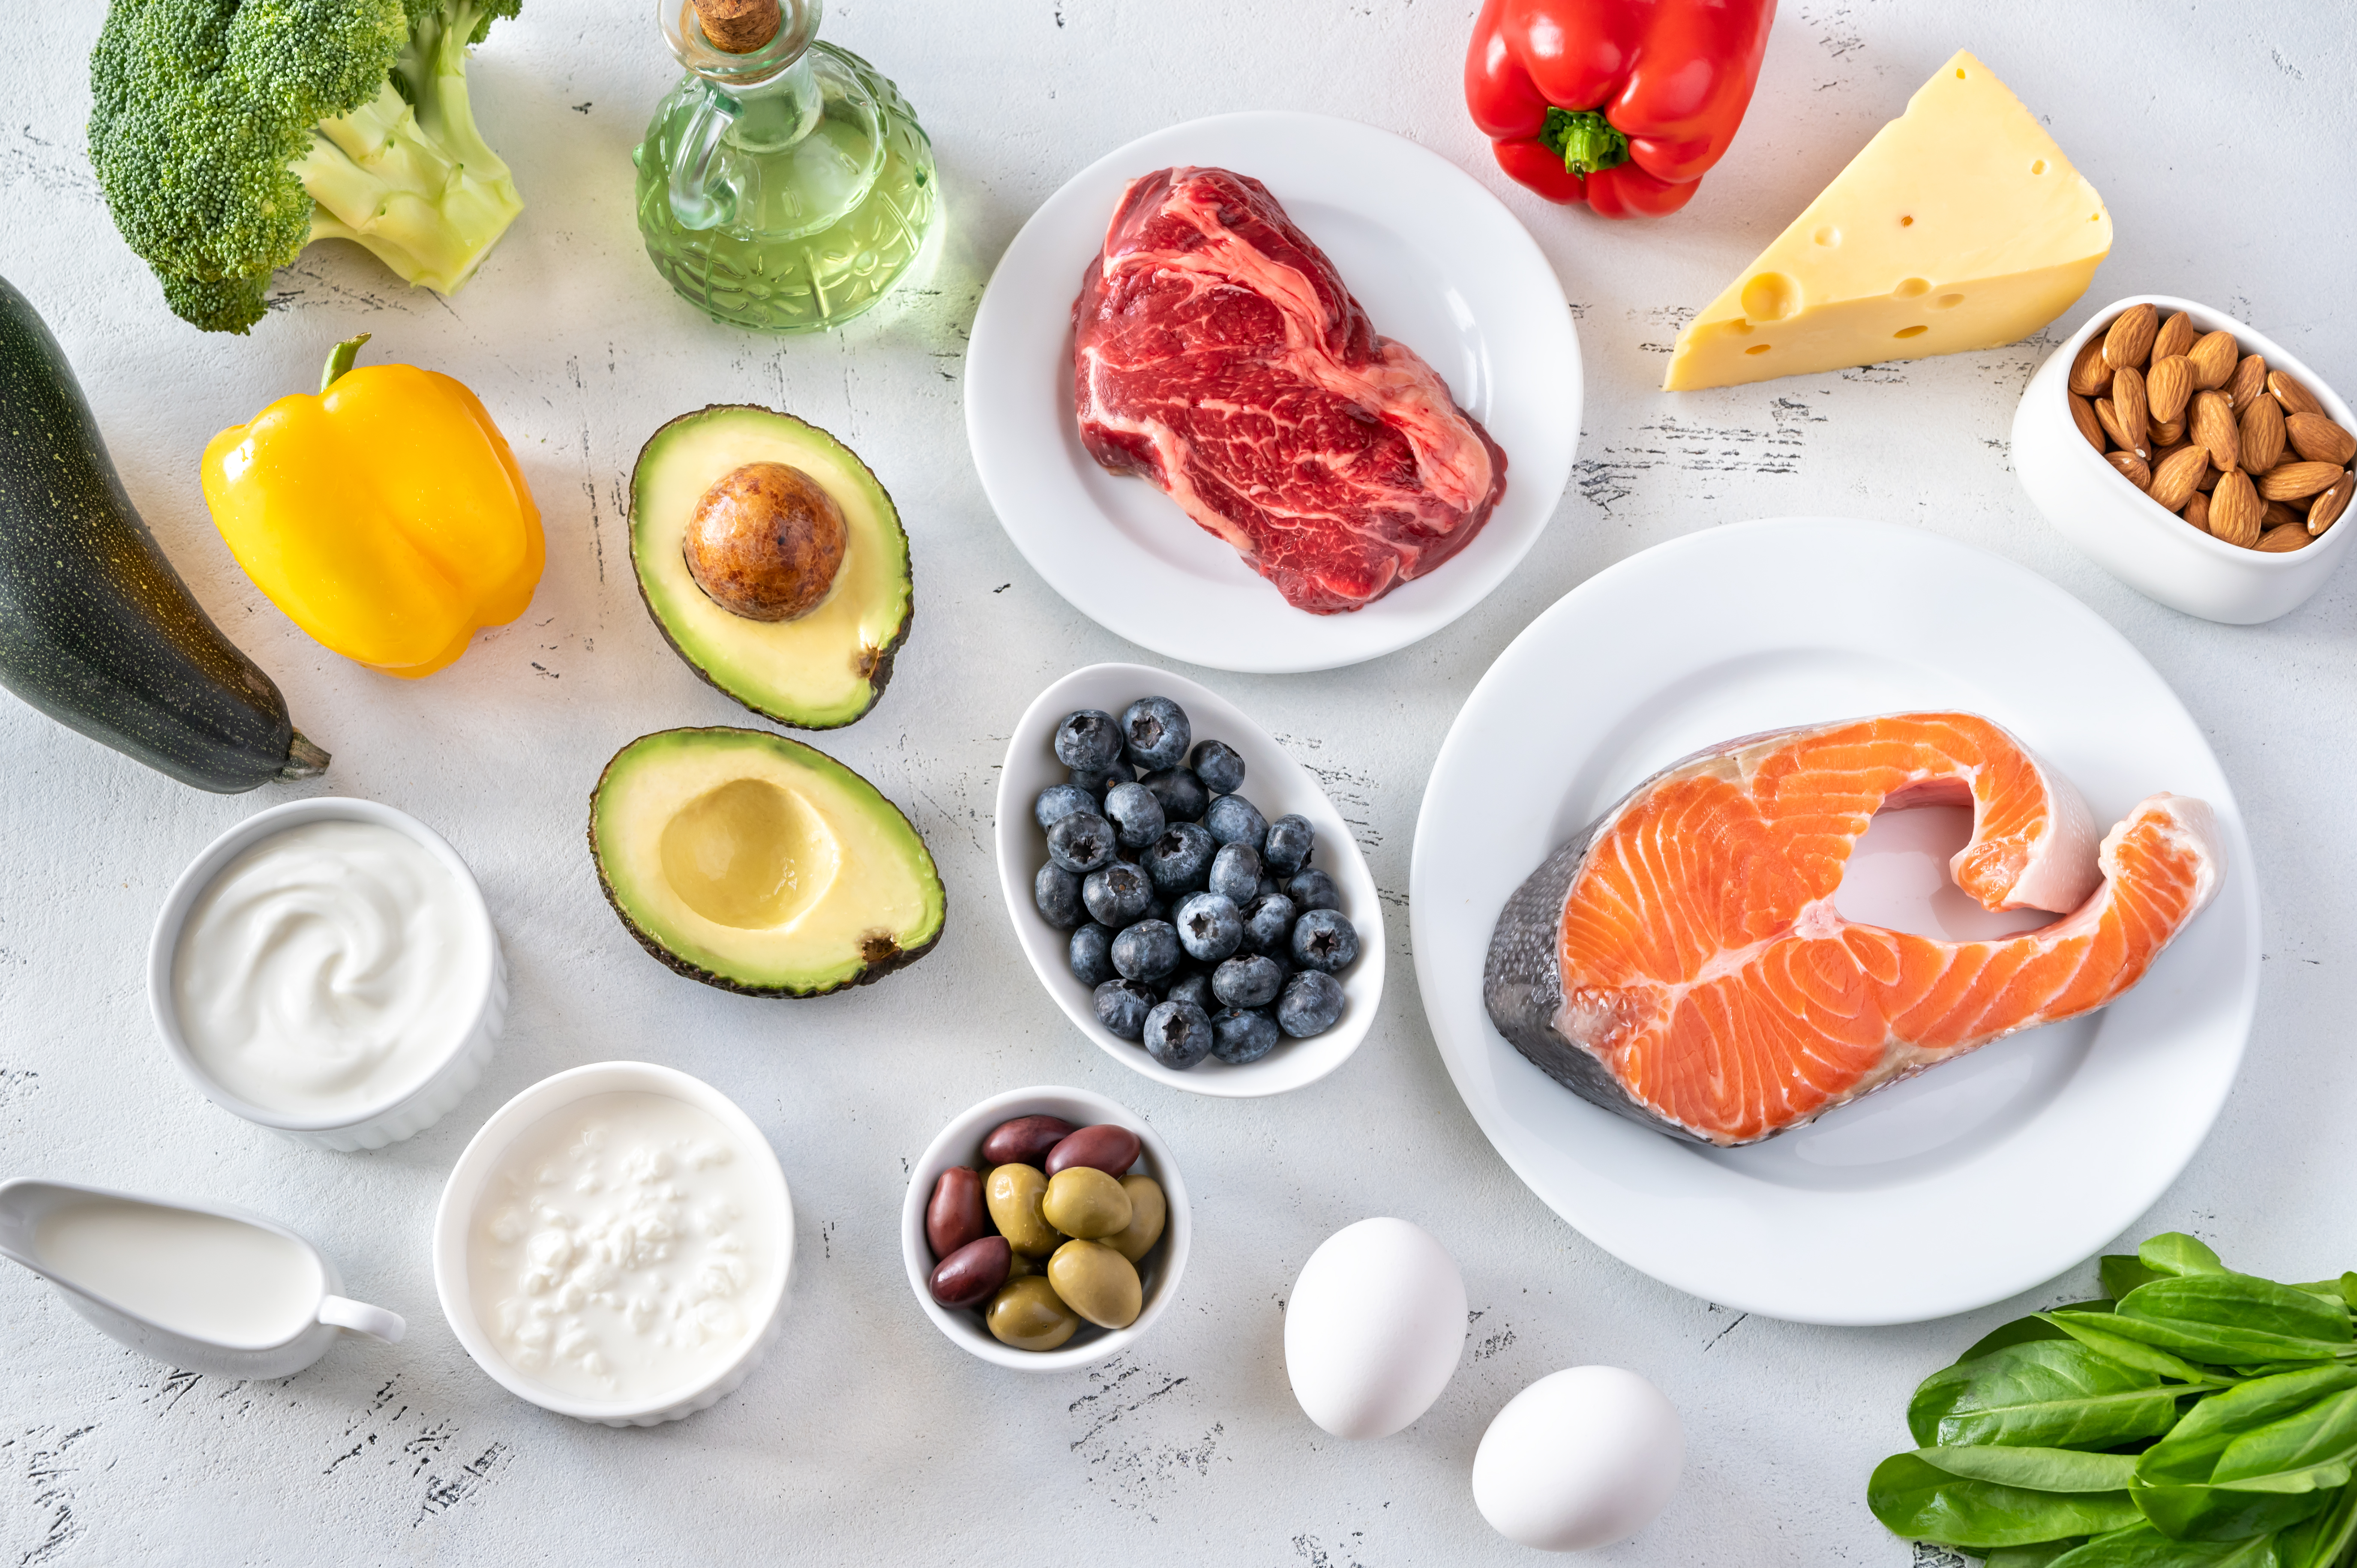 أطعمة تساعد في تنحيف البطن